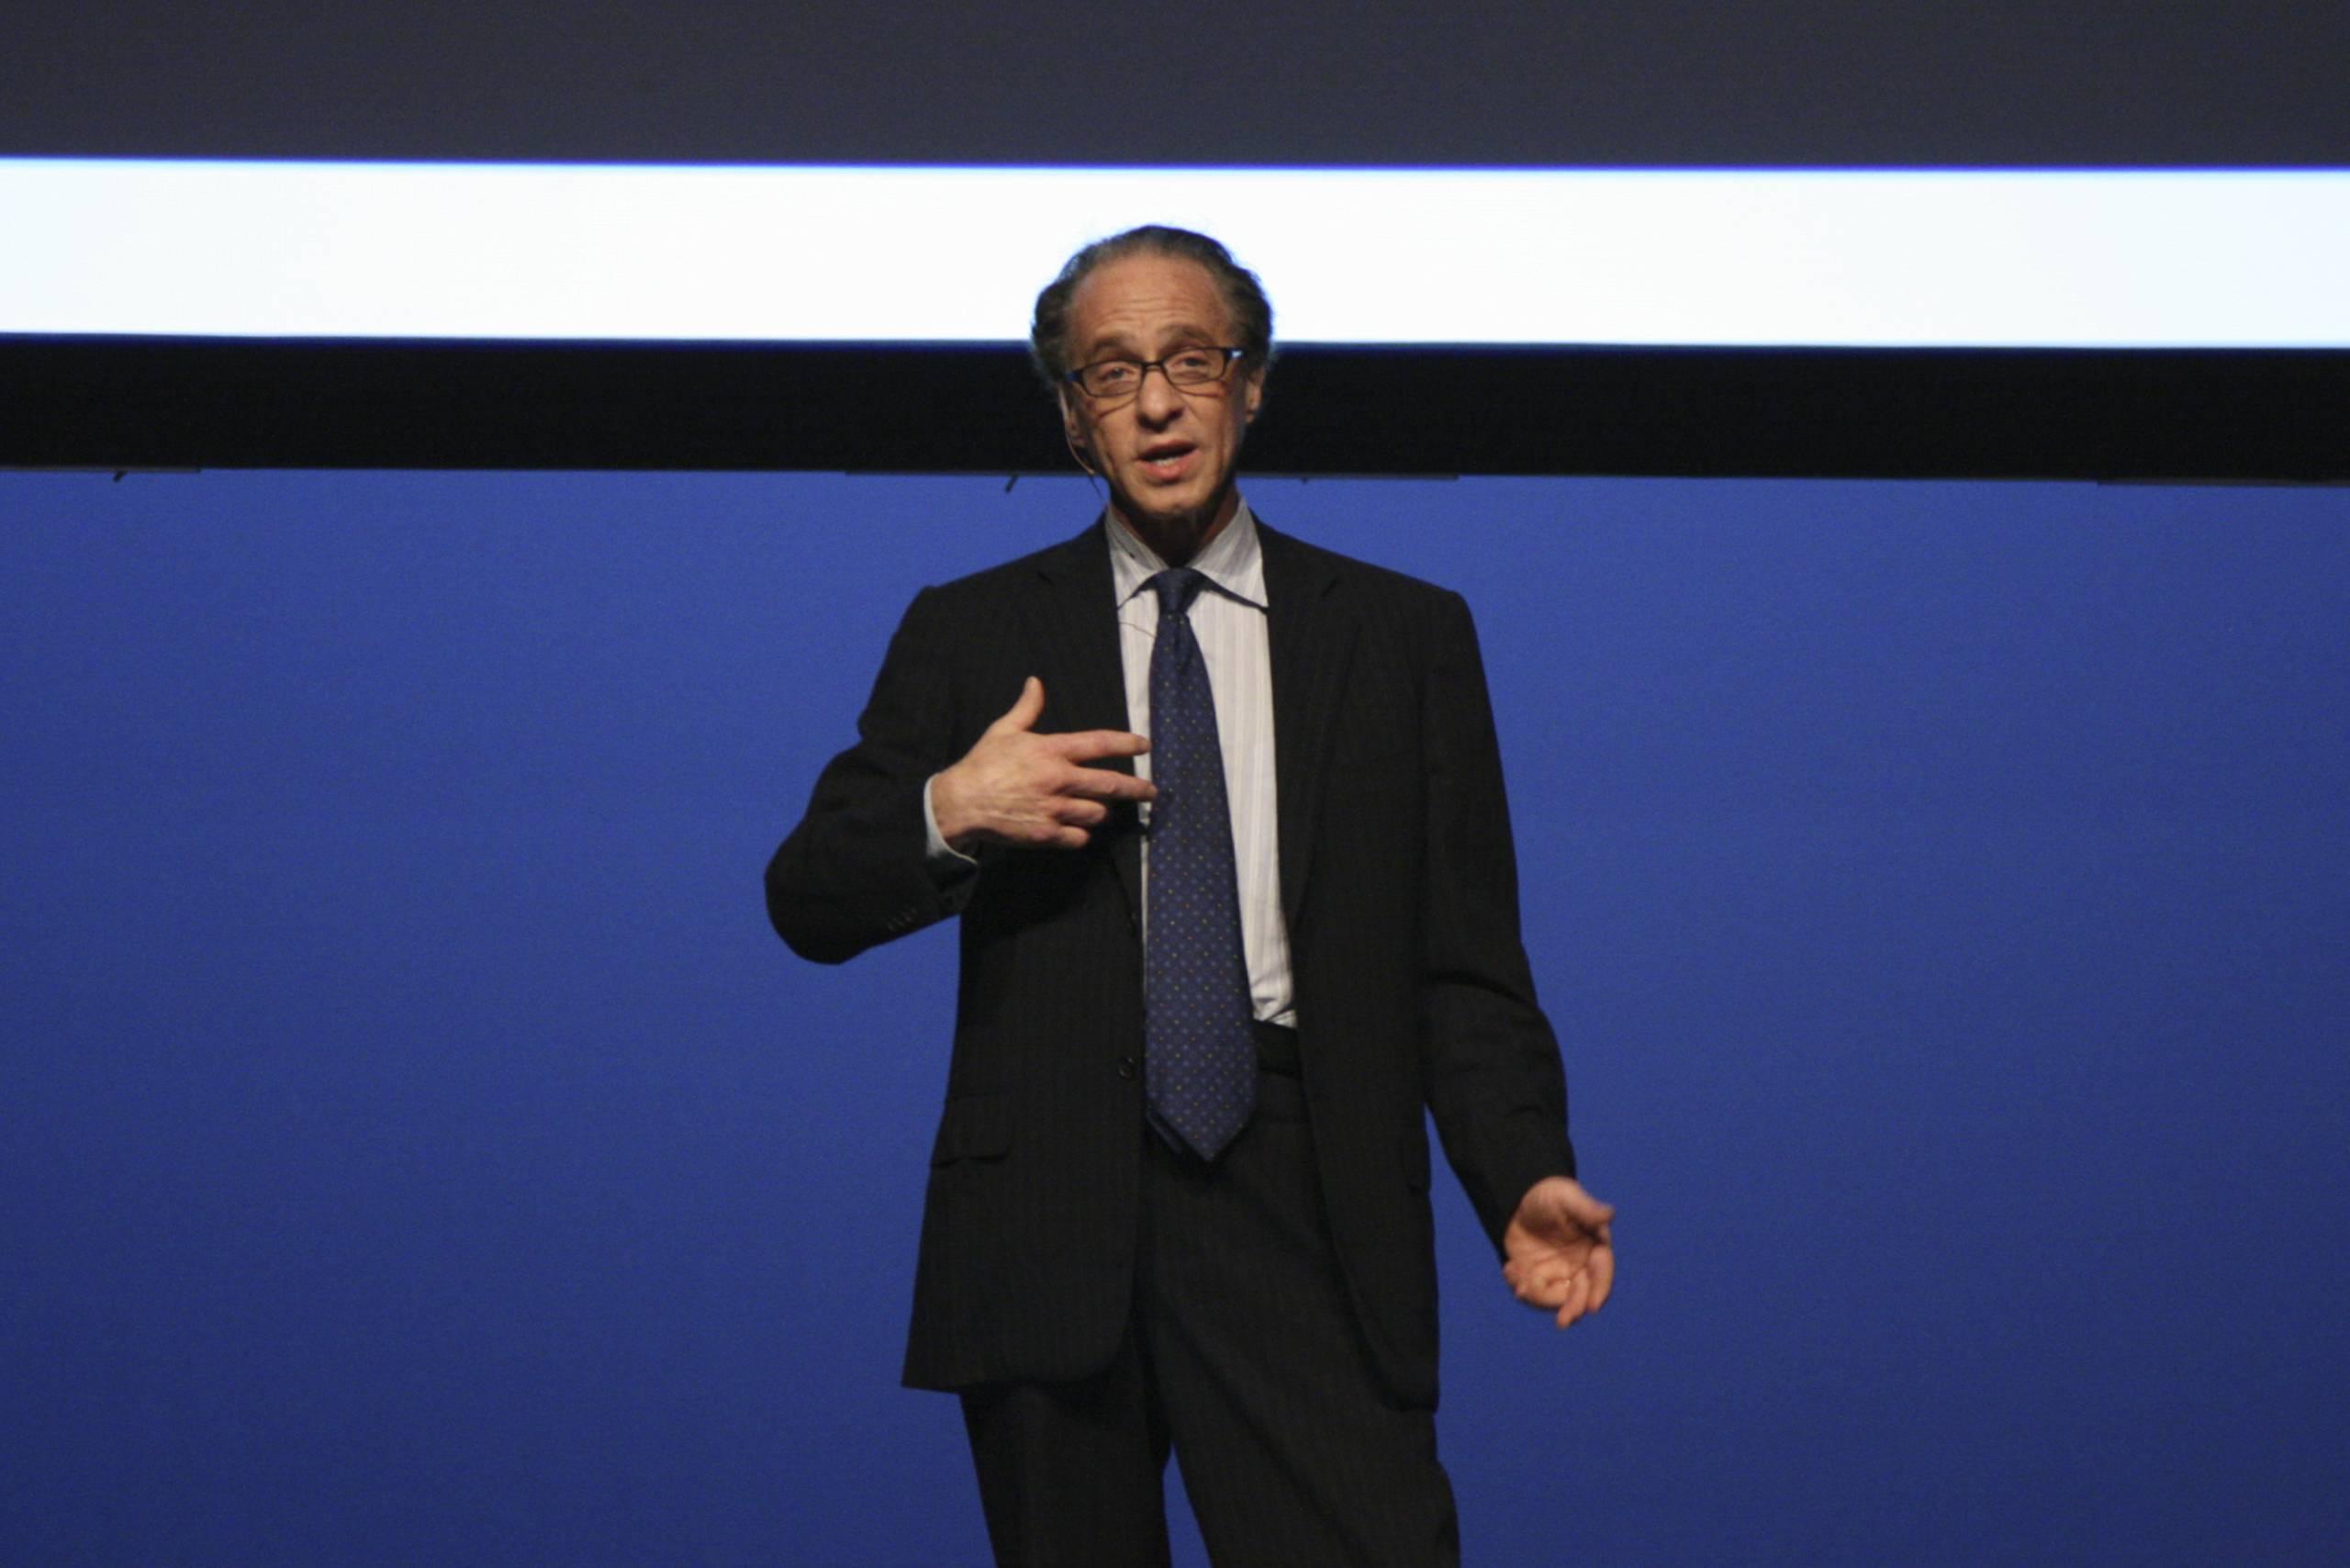 Ray Kurzweil szerint 2029-re a számítógép olyan okos lesz, mint az ember, ha nem okosabb